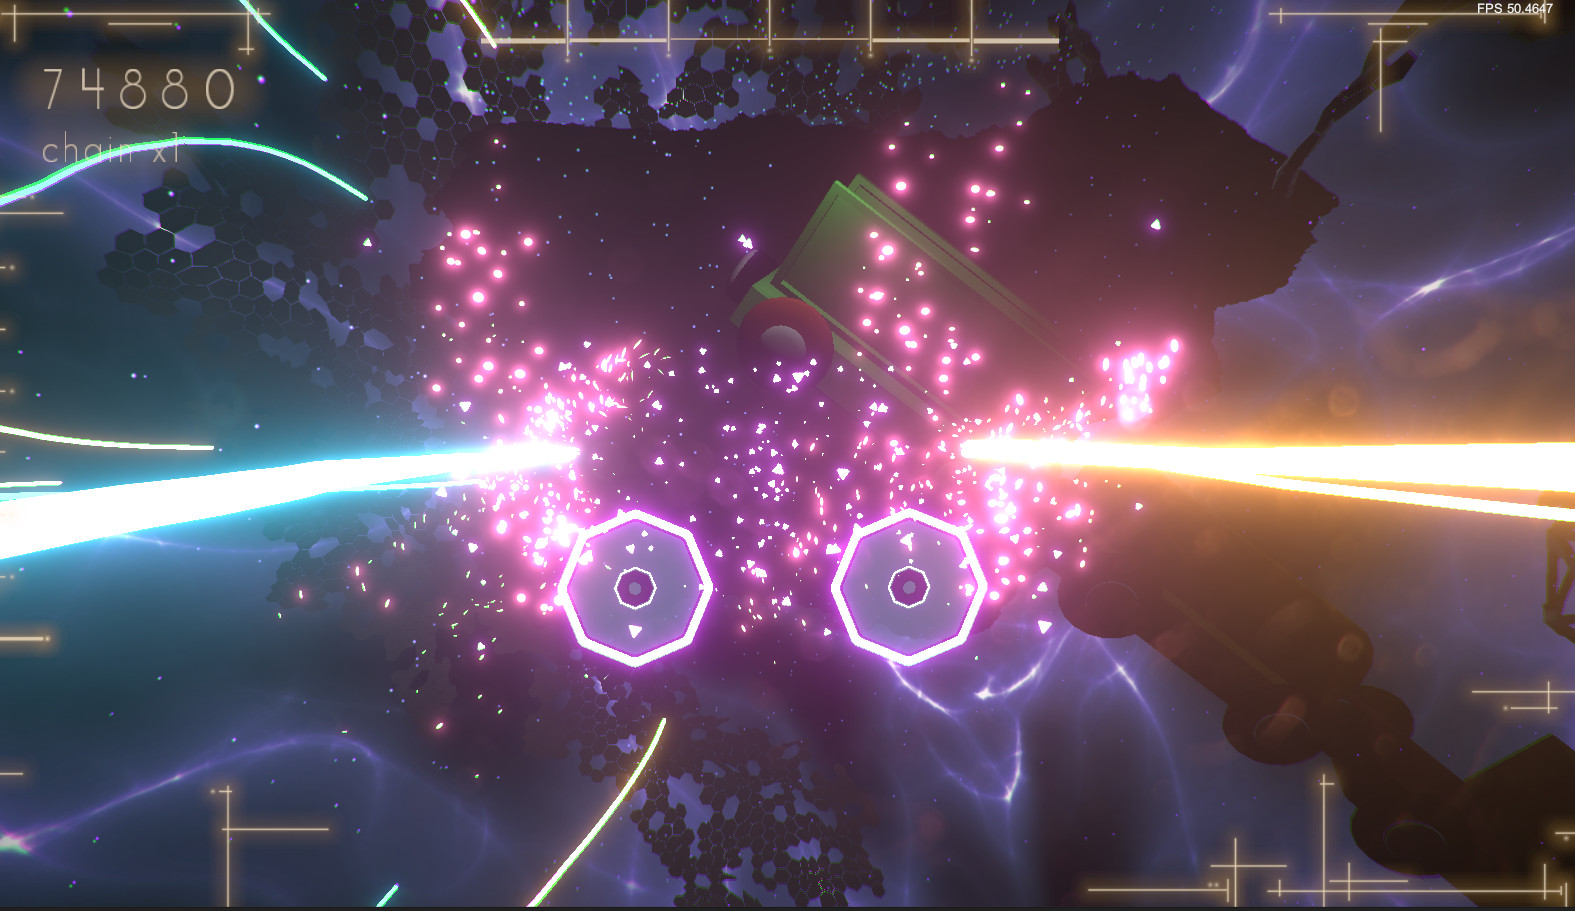 Laserlife screenshot